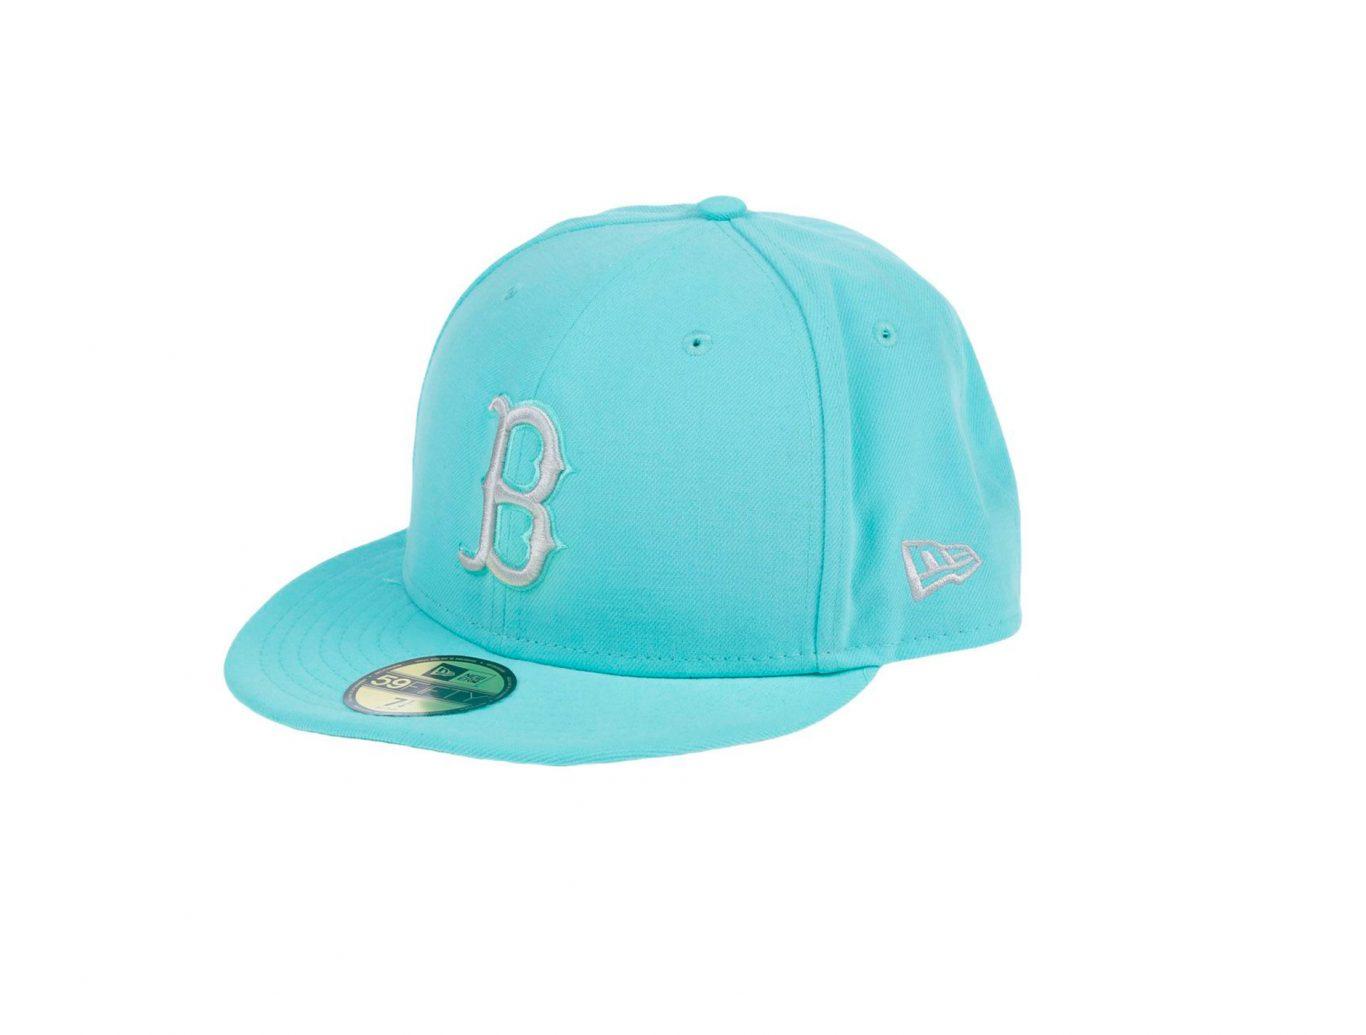 NEW-ERA-sombrero-34